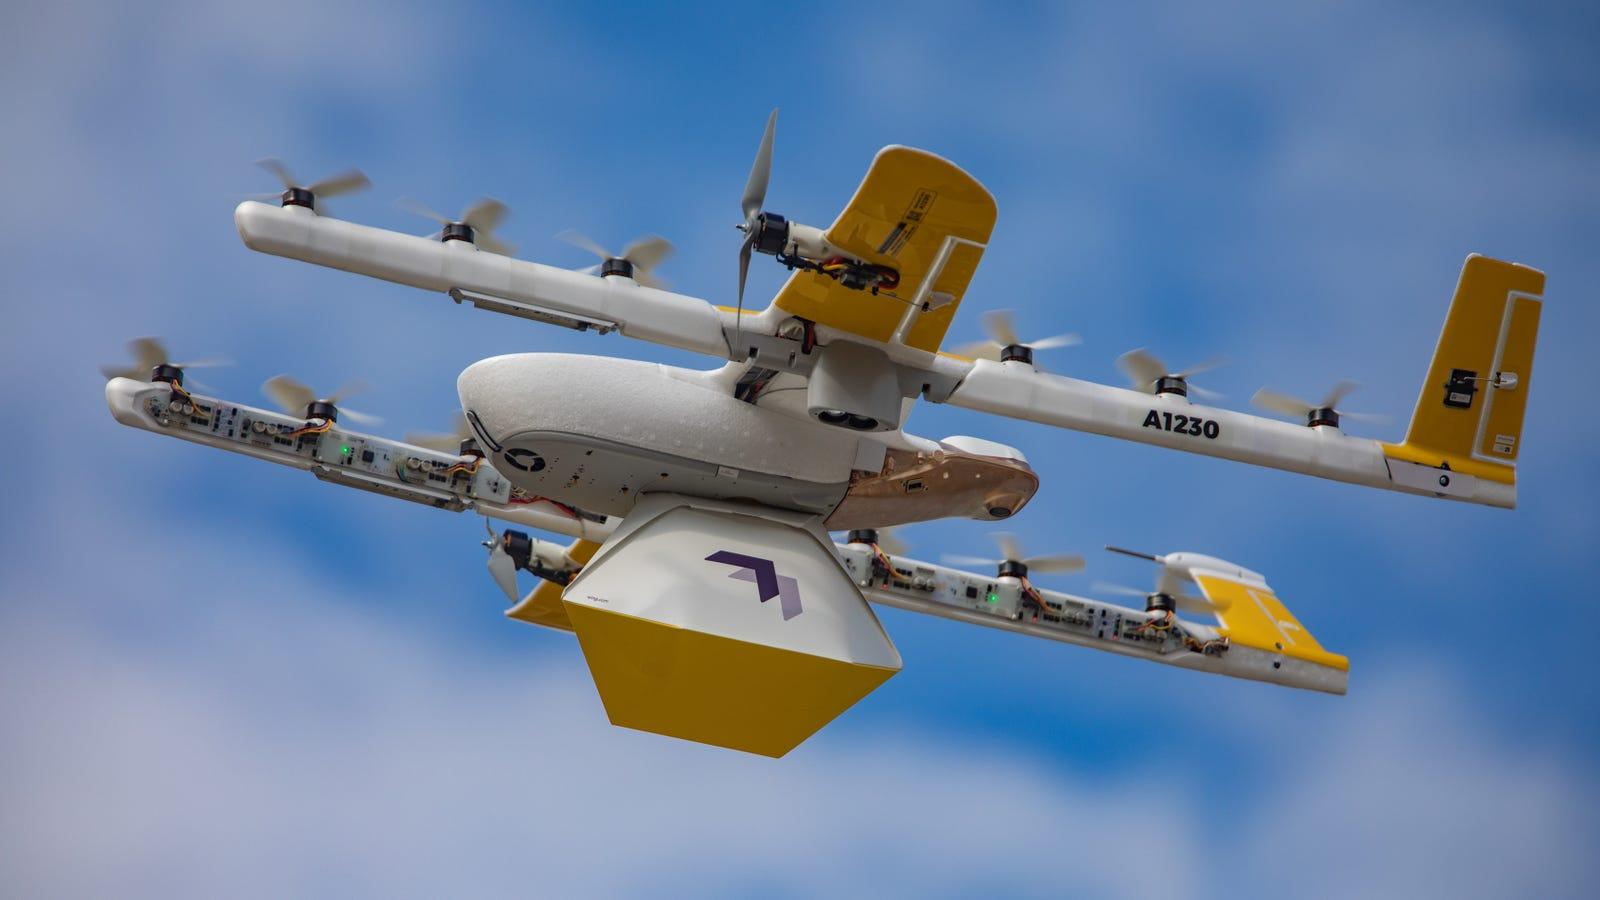 A Google drone